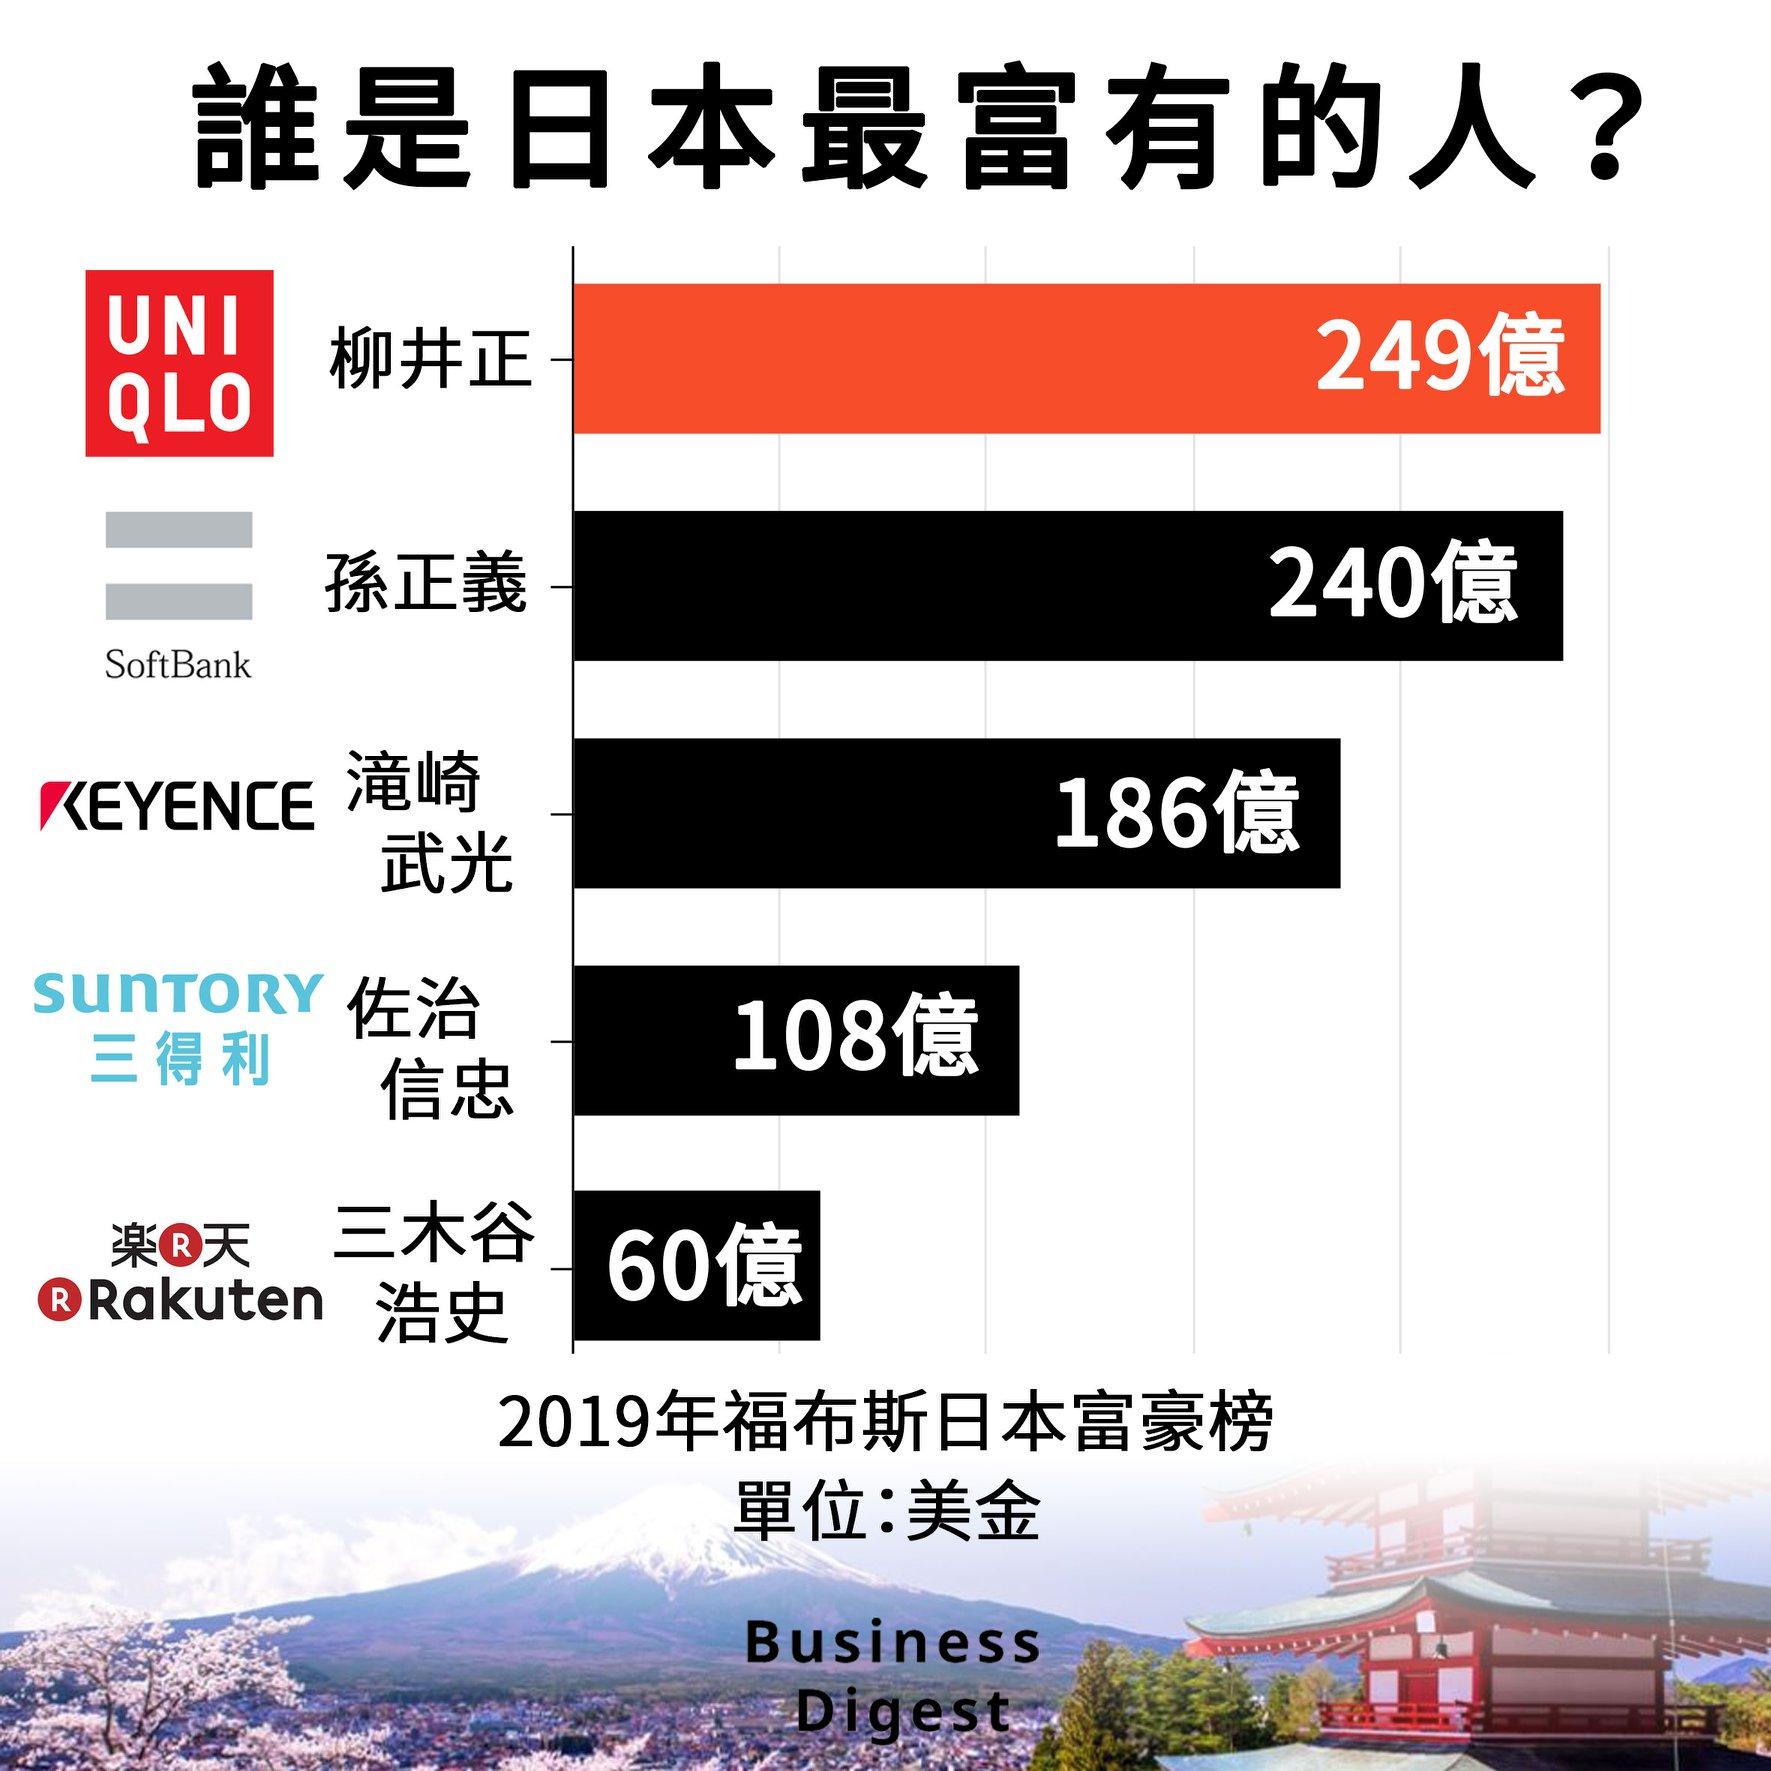 【商業熱話】誰是日本最富有的人?Uniqlo創辦人柳井正